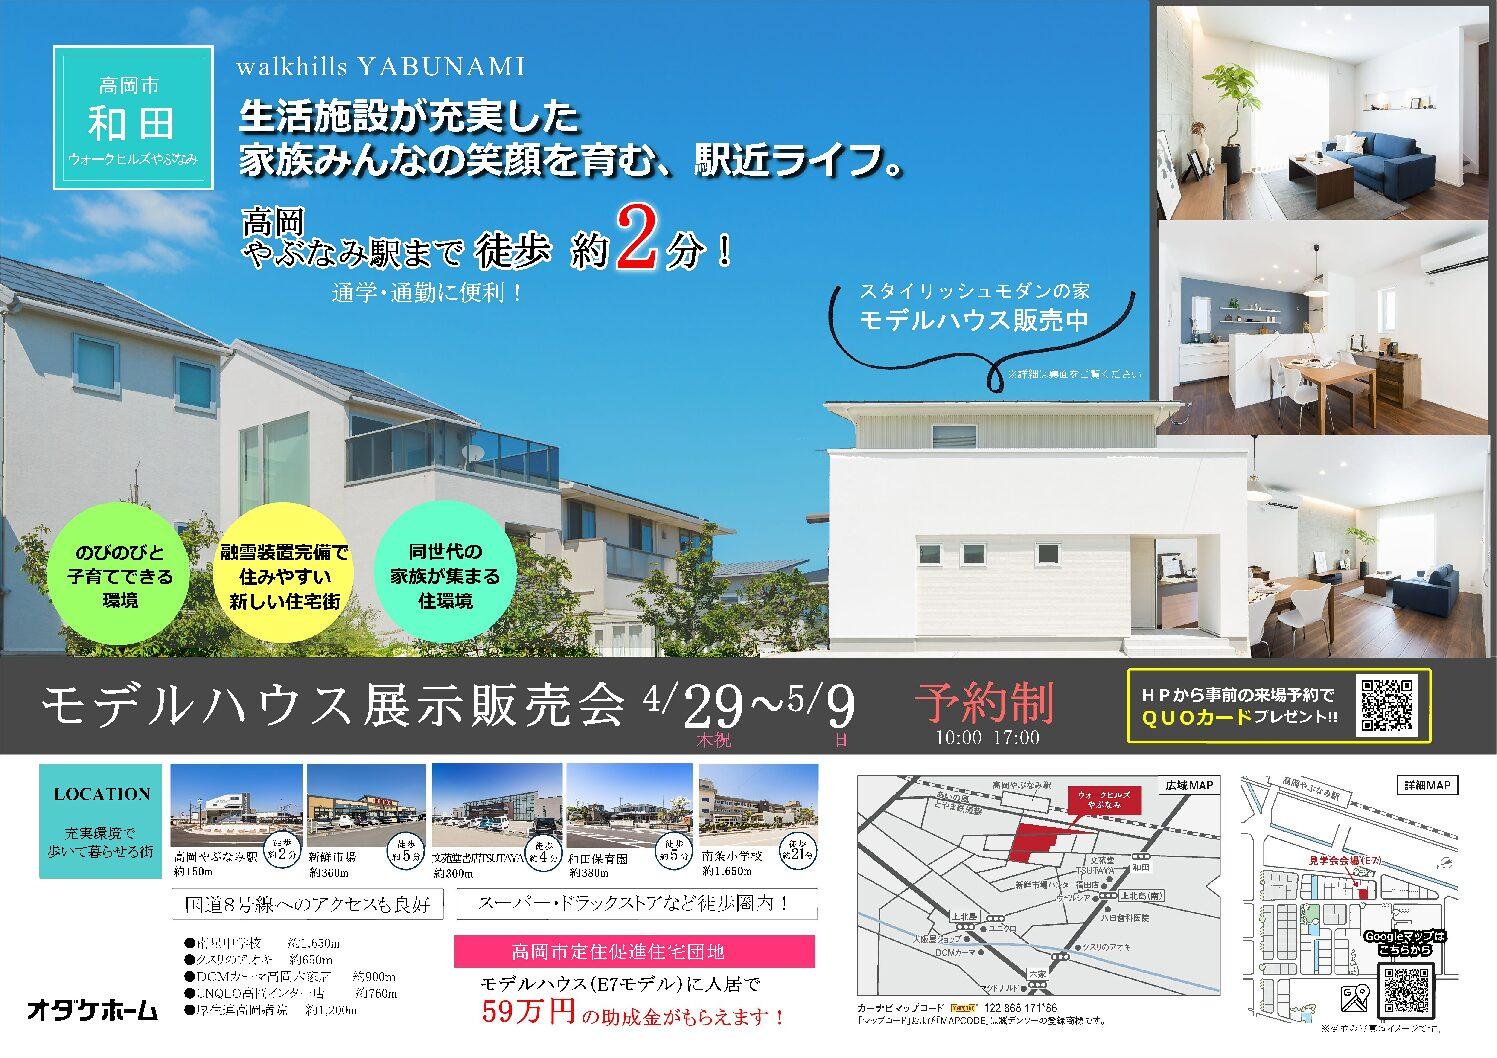 5/8(土)~5/9(日)高岡市和田やぶなみモデル展示販売会【予約制】